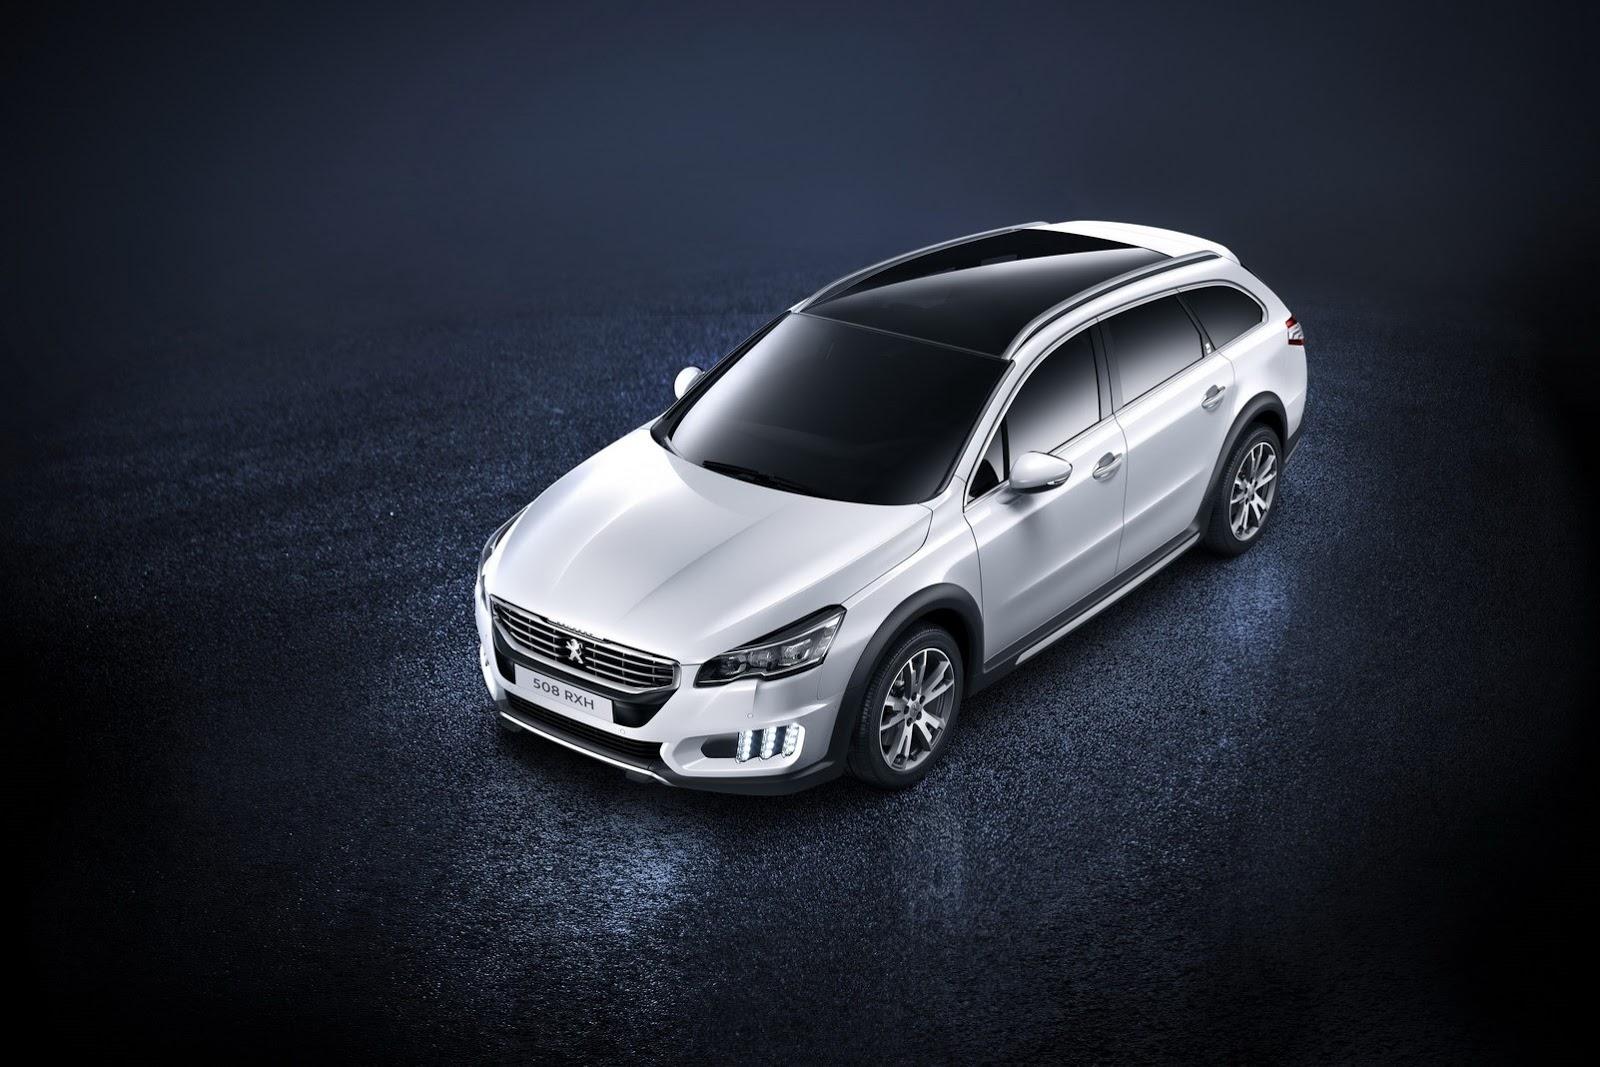 2015-Peugeot-508-14%25255B2%25255D.jpg